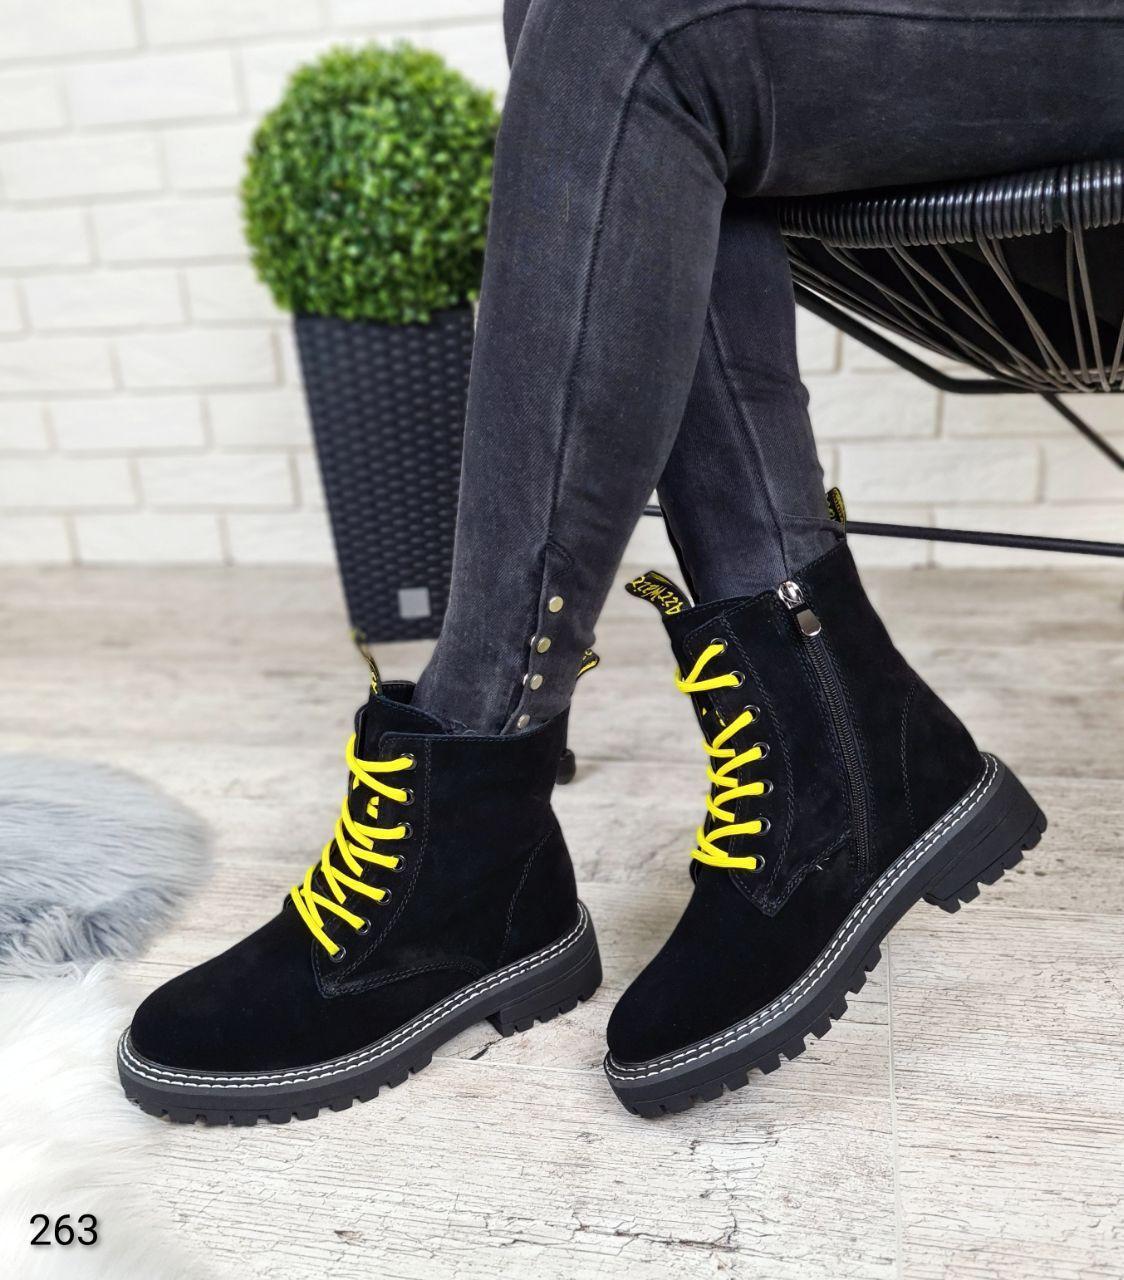 Теплые зимние женские ботинки на высокой подошве с яркими шнурками  LS-263